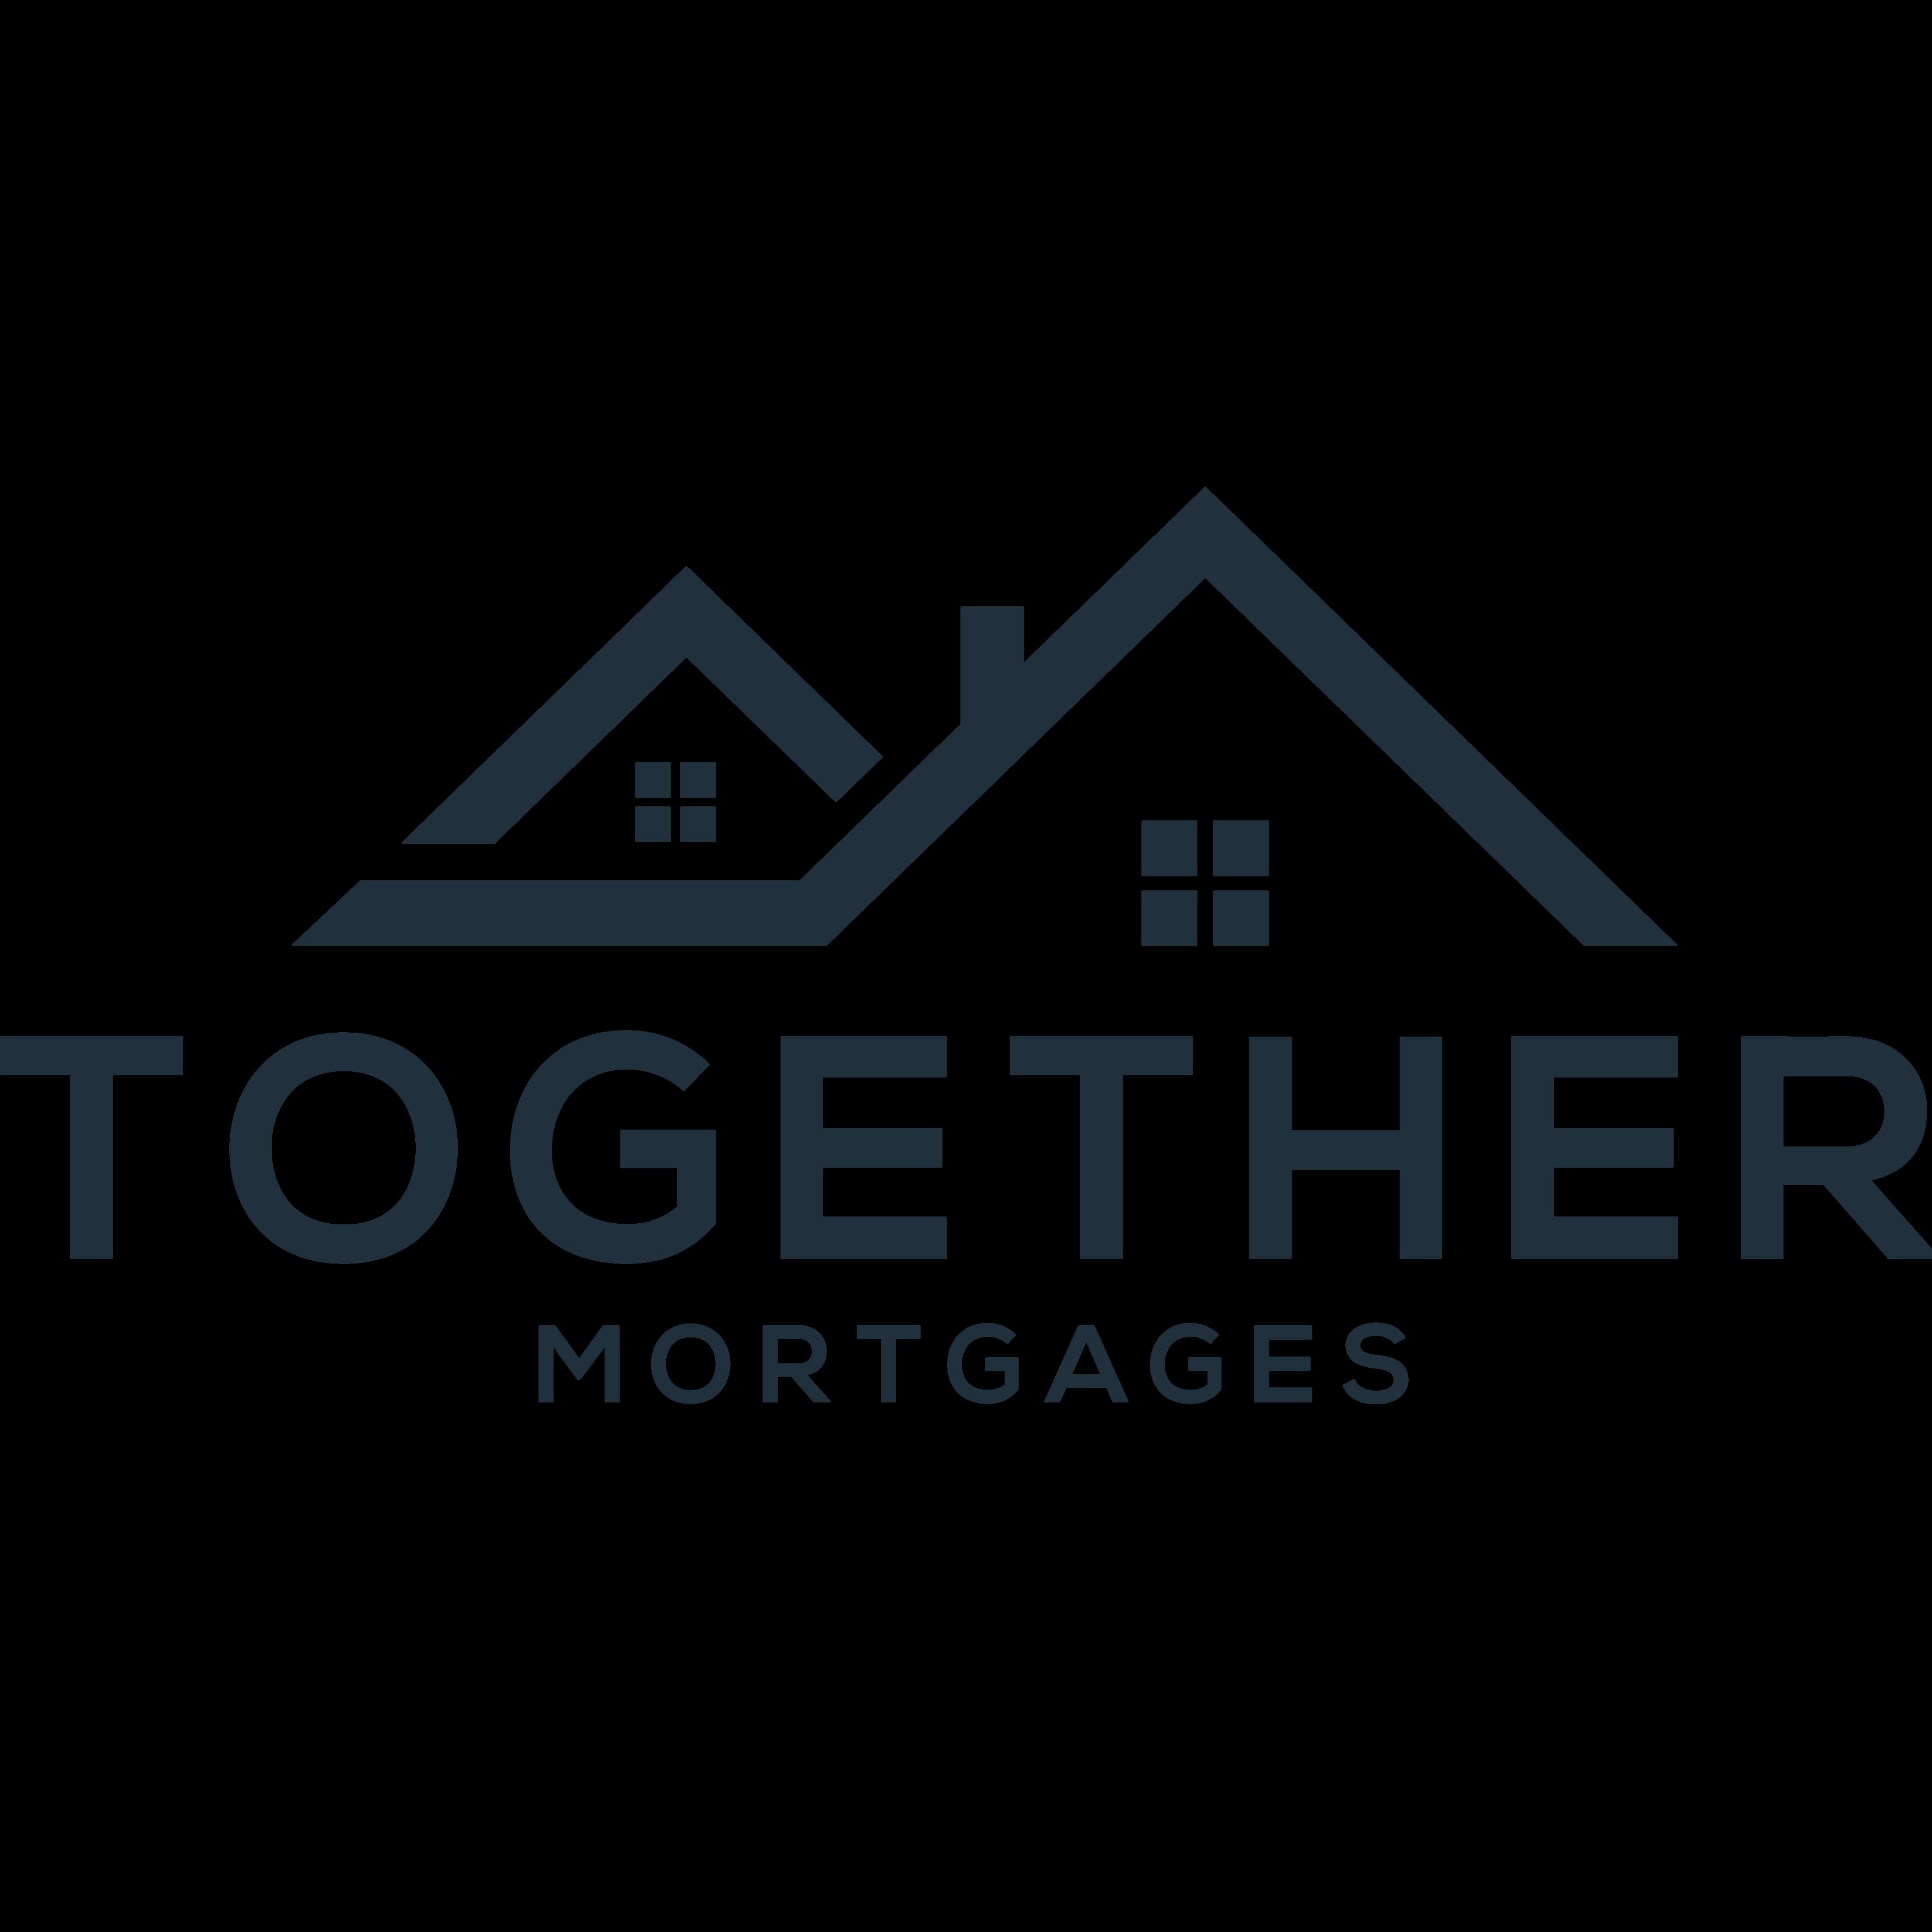 Together Mortgages Logo